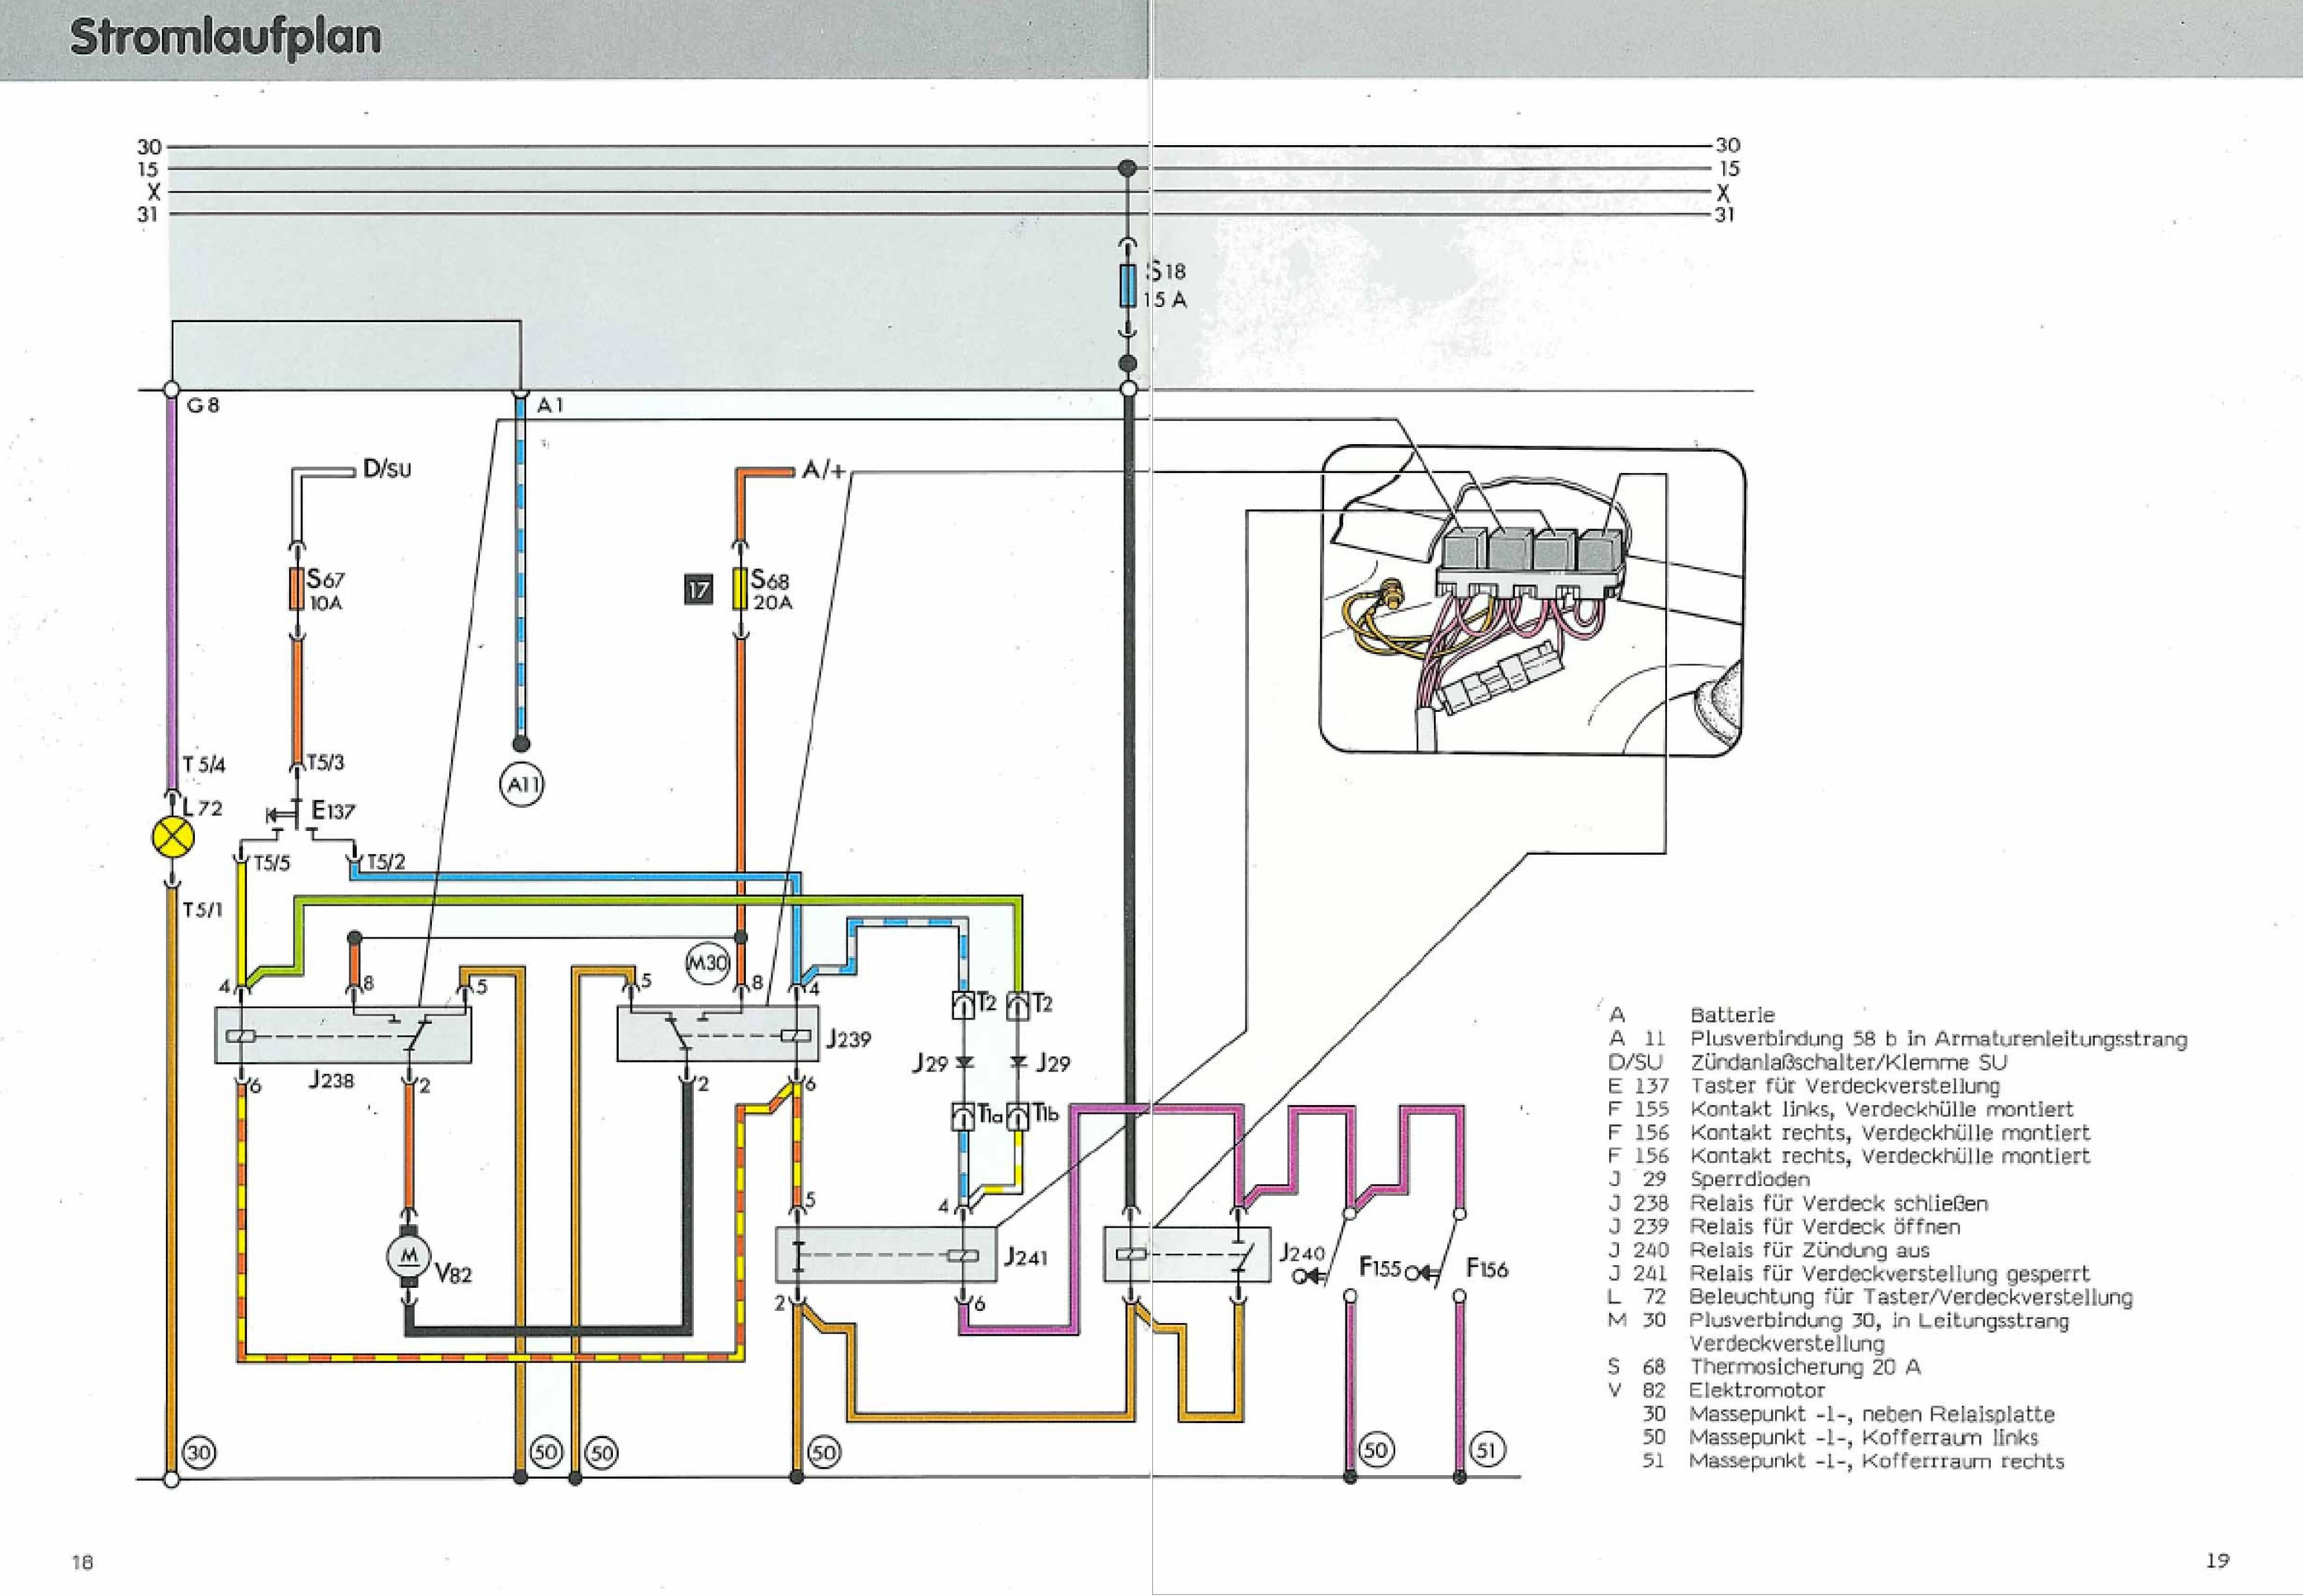 Tolle Megasquirt 3 Schaltplan Fotos - Die Besten Elektrischen ...